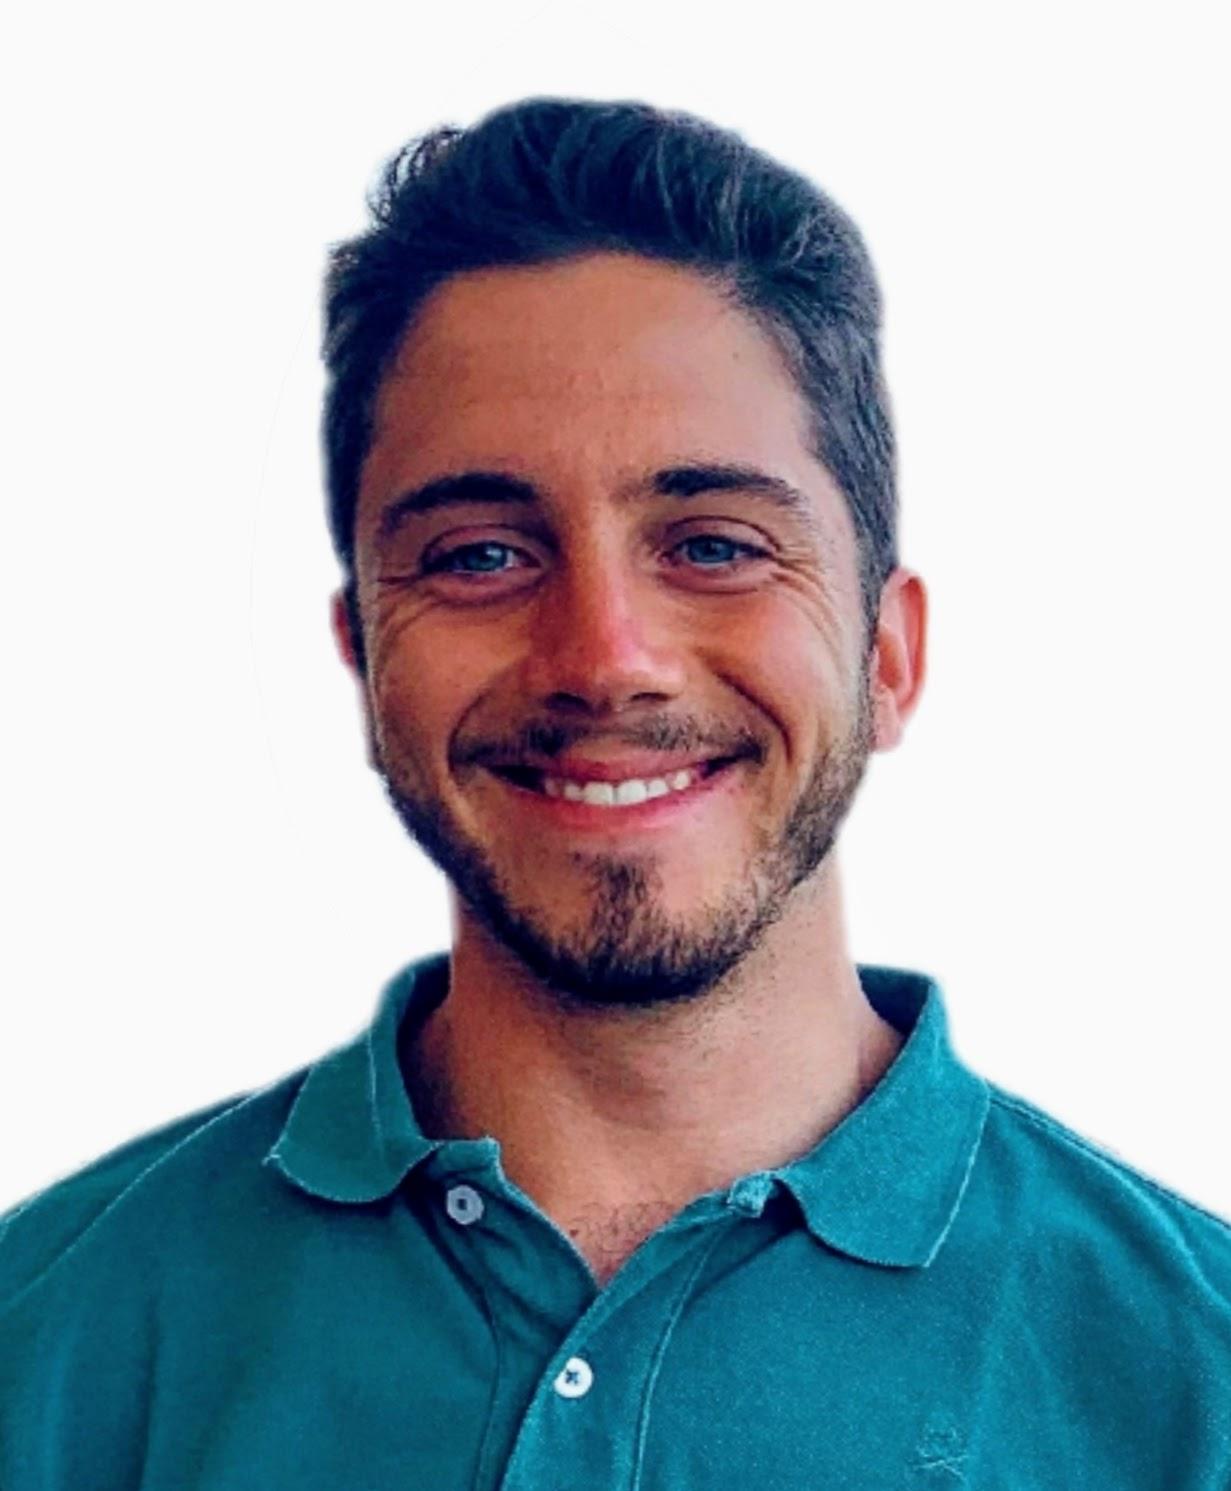 IGNACIO HERNANI profile picture